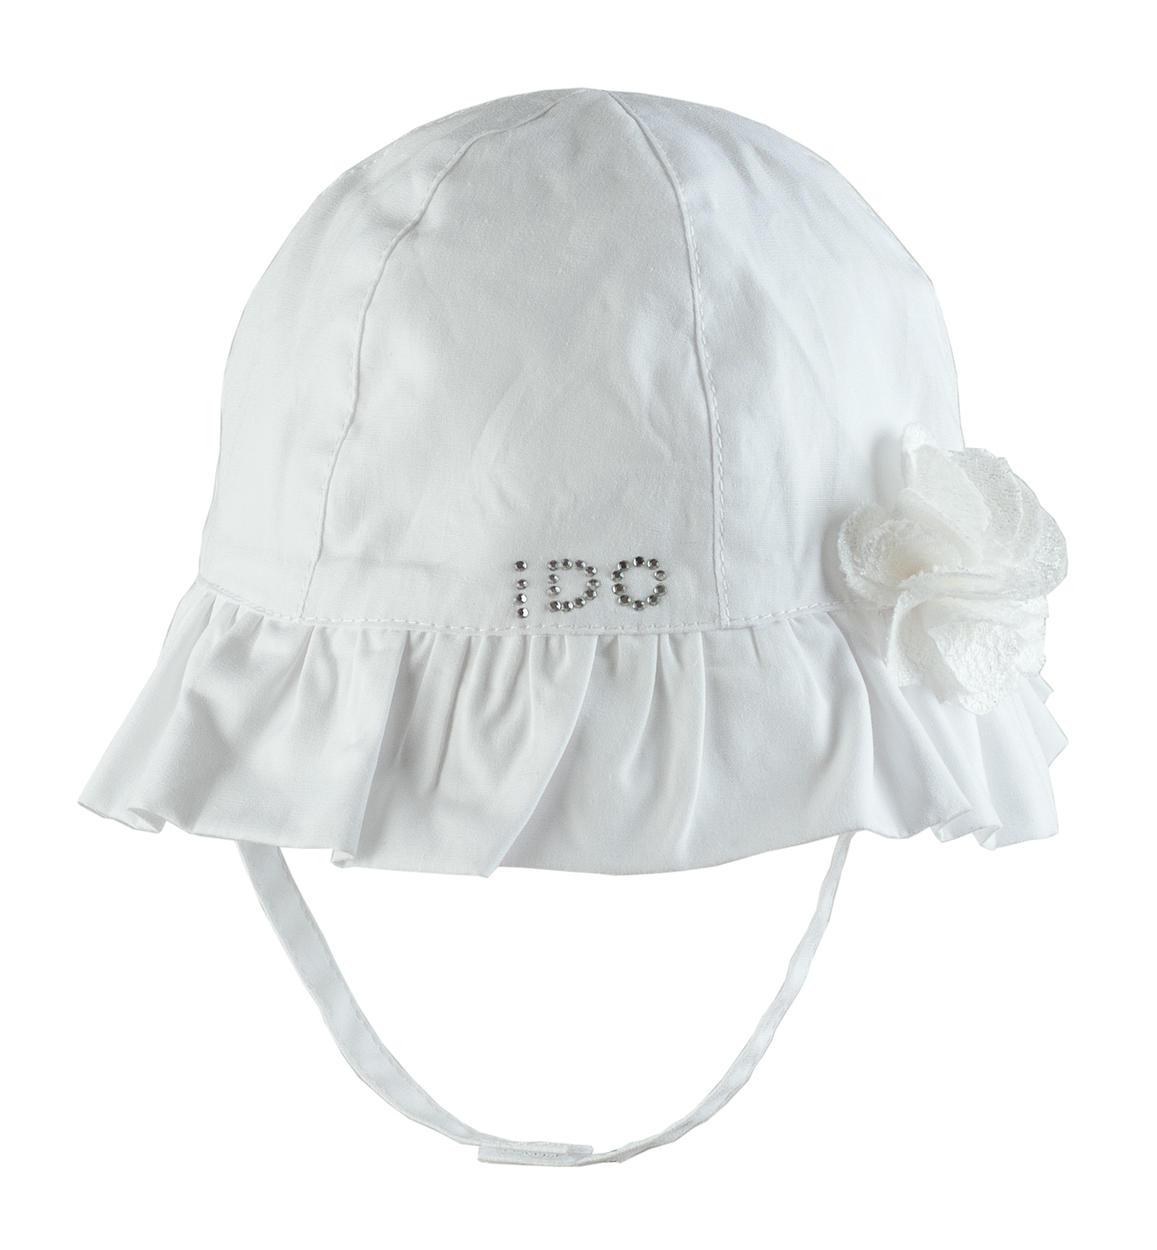 stile moderno acquista l'originale nuovi oggetti Cappellino bimba in popeline 100% cotone vestibilità da 0 a 18 mesi iDO